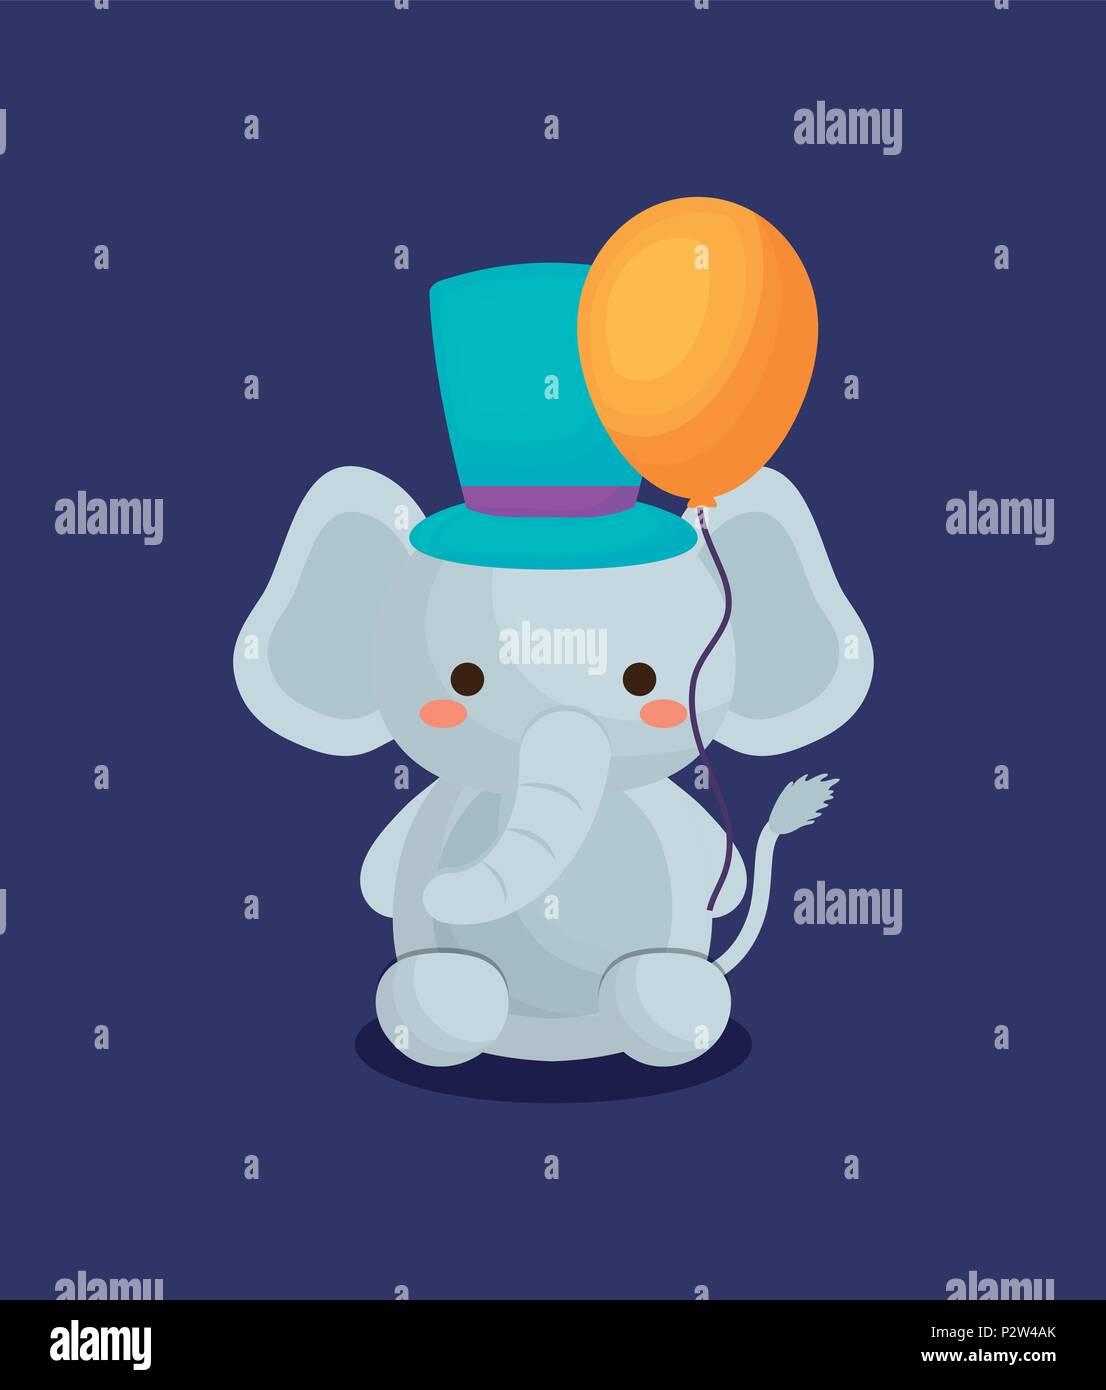 La conception du cirque carnaval avec l'éléphant mignon avec top hat et ballon sur fond violet, design coloré. vector illustration Illustration de Vecteur